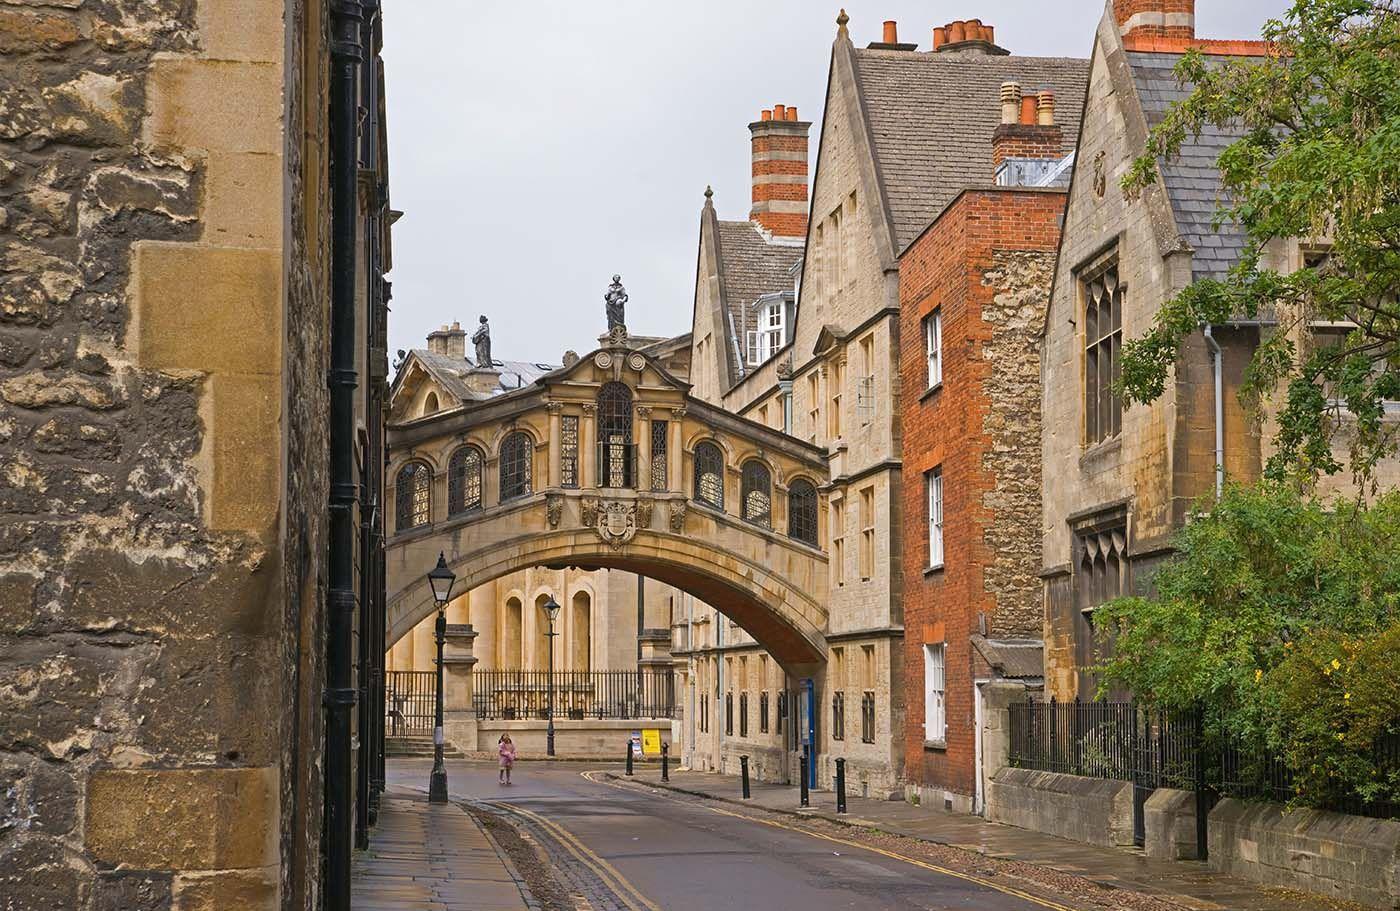 Las calles más bonitas del mundo | Reino unido, Calle y La calle